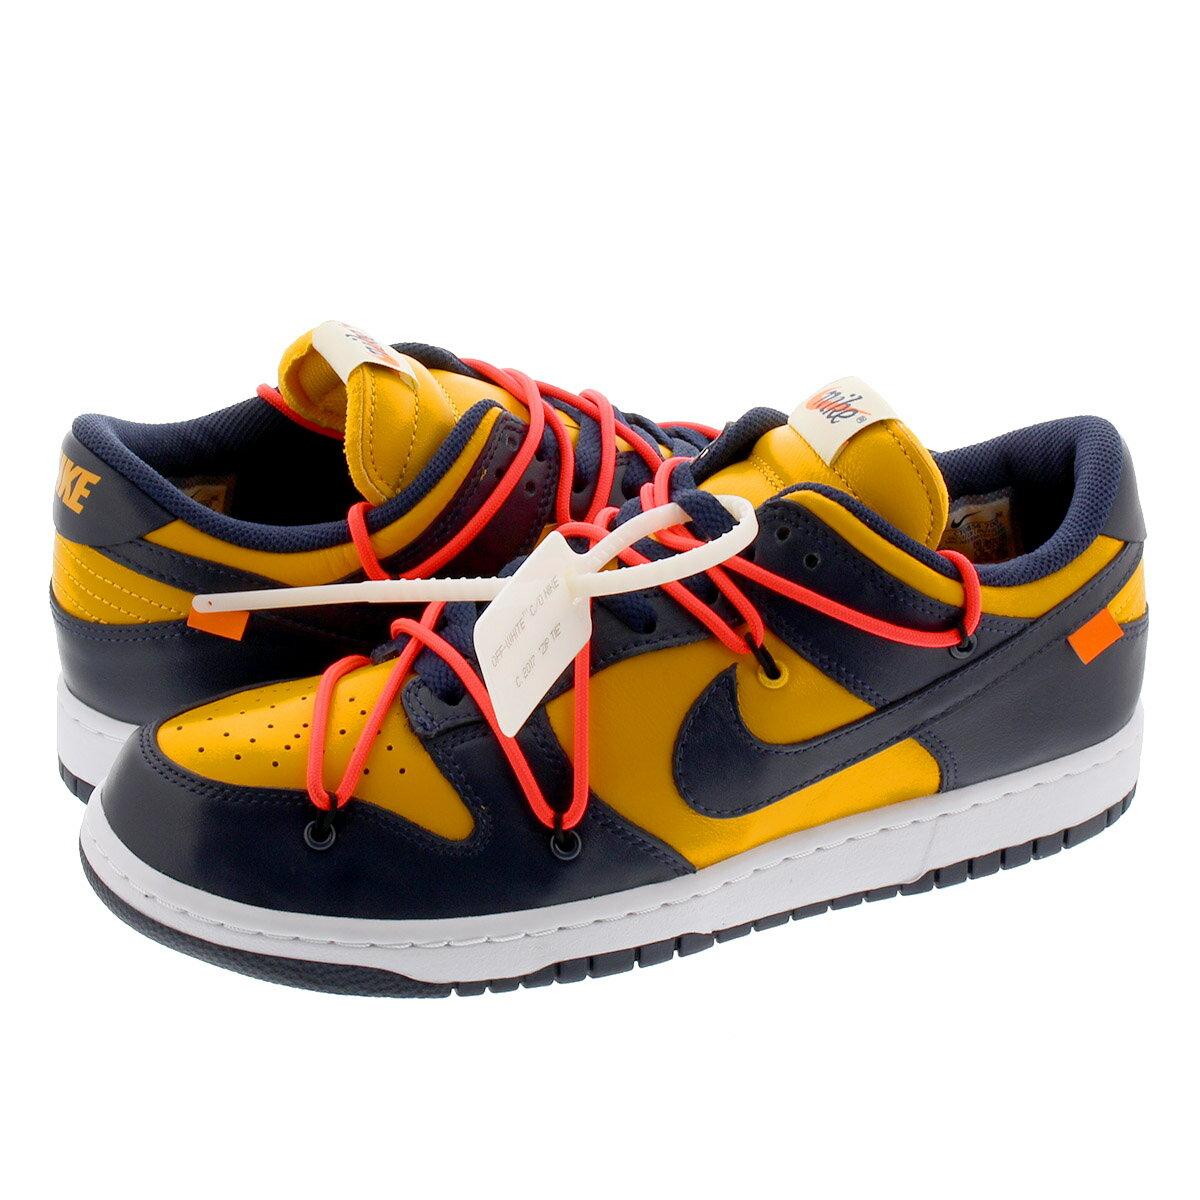 メンズ靴, スニーカー NIKE DUNK LOW LTHR OFF-WHITE UNIVERSITY GOLDMIDNIGHT NAVY ct0856-700